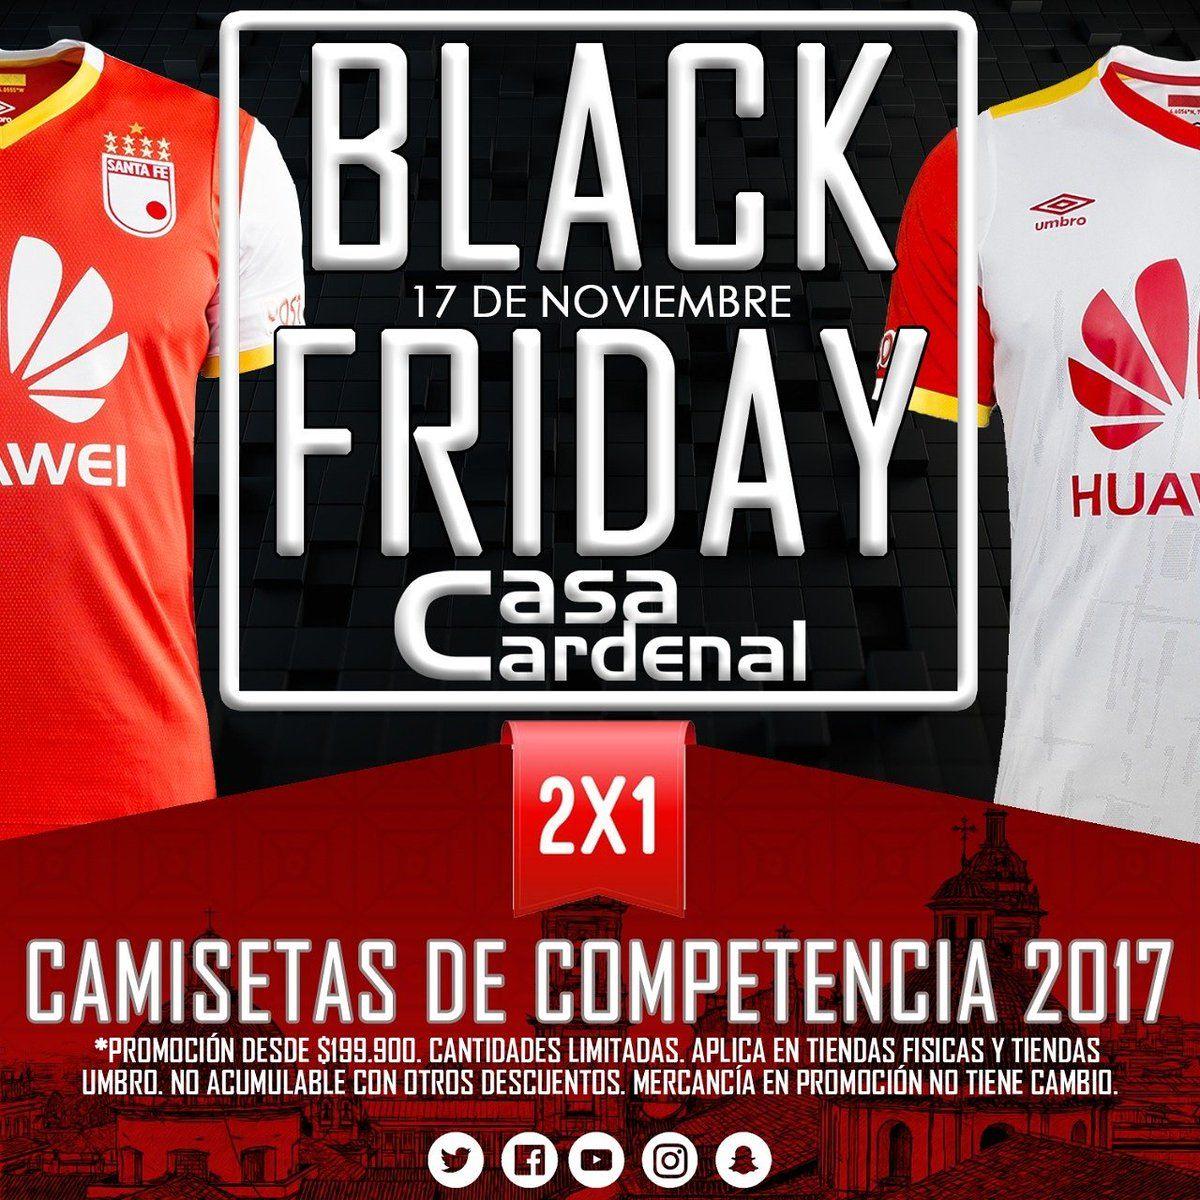 RT @SantaFe: ¡MAÑANA! Aprovecha el Black Friday de @casacardenal. 2✖1 en camisetas de competencia 2017 👌. También disponible en tiendas @UmbroColombia. https://t.co/RJqLG3eIDS